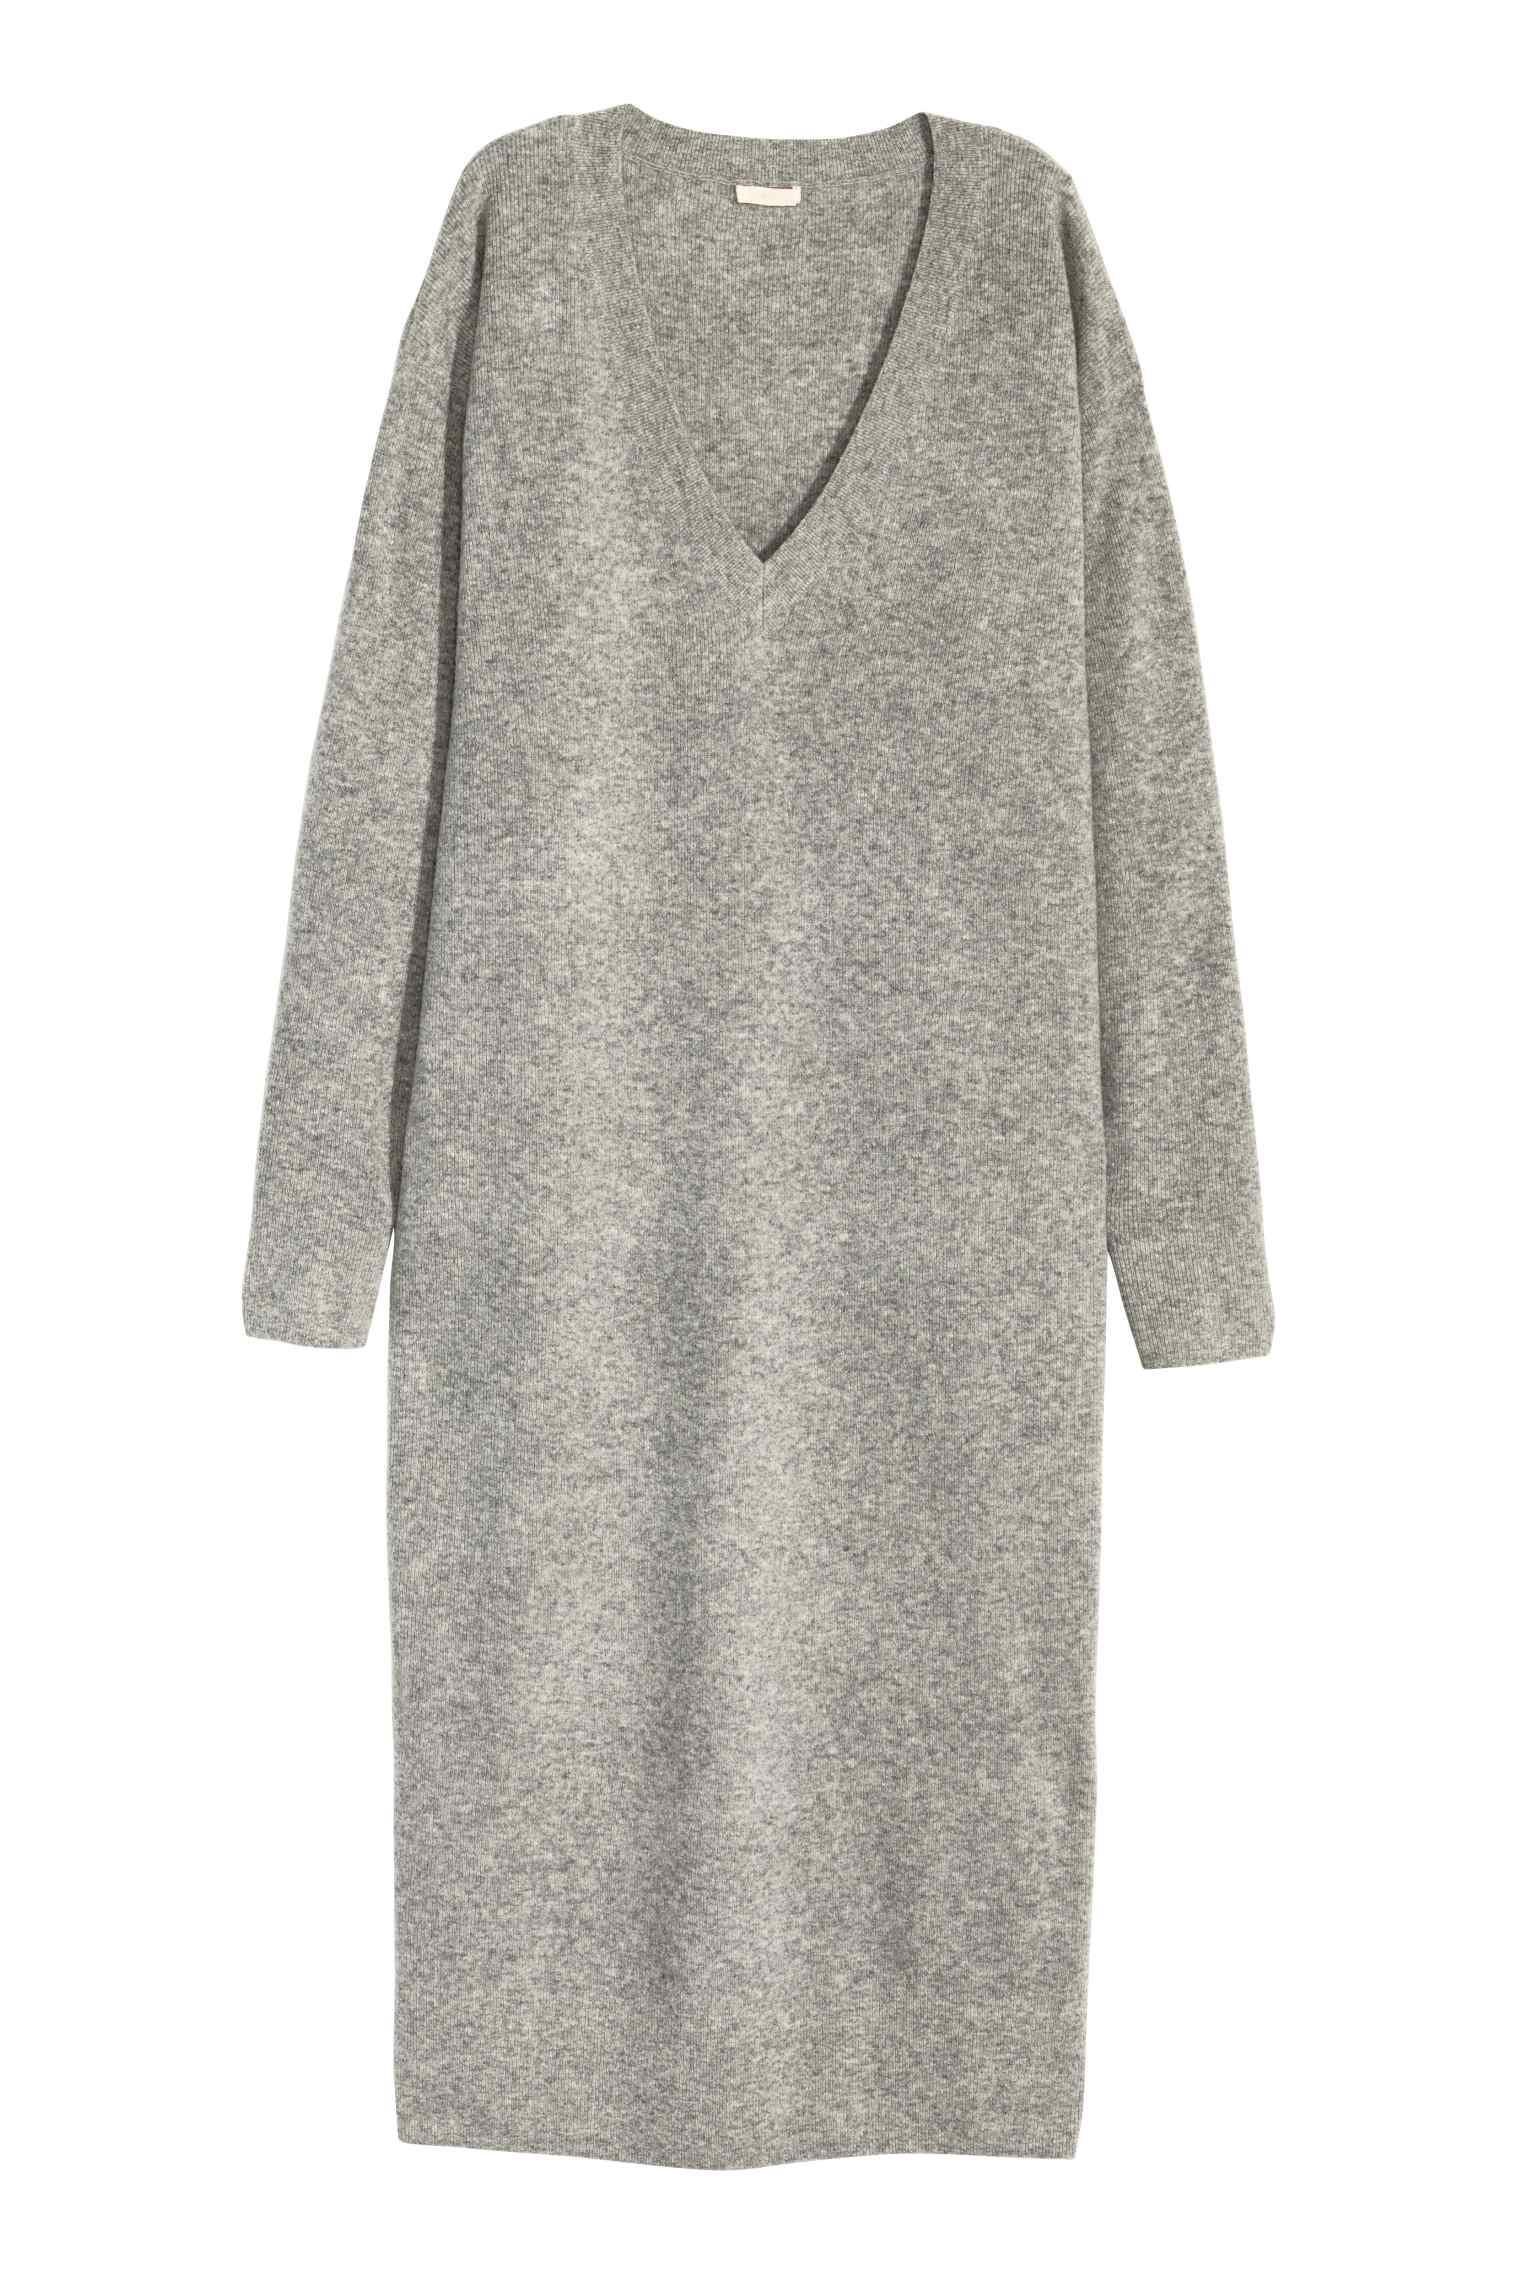 En laine, H&M, 59,99€